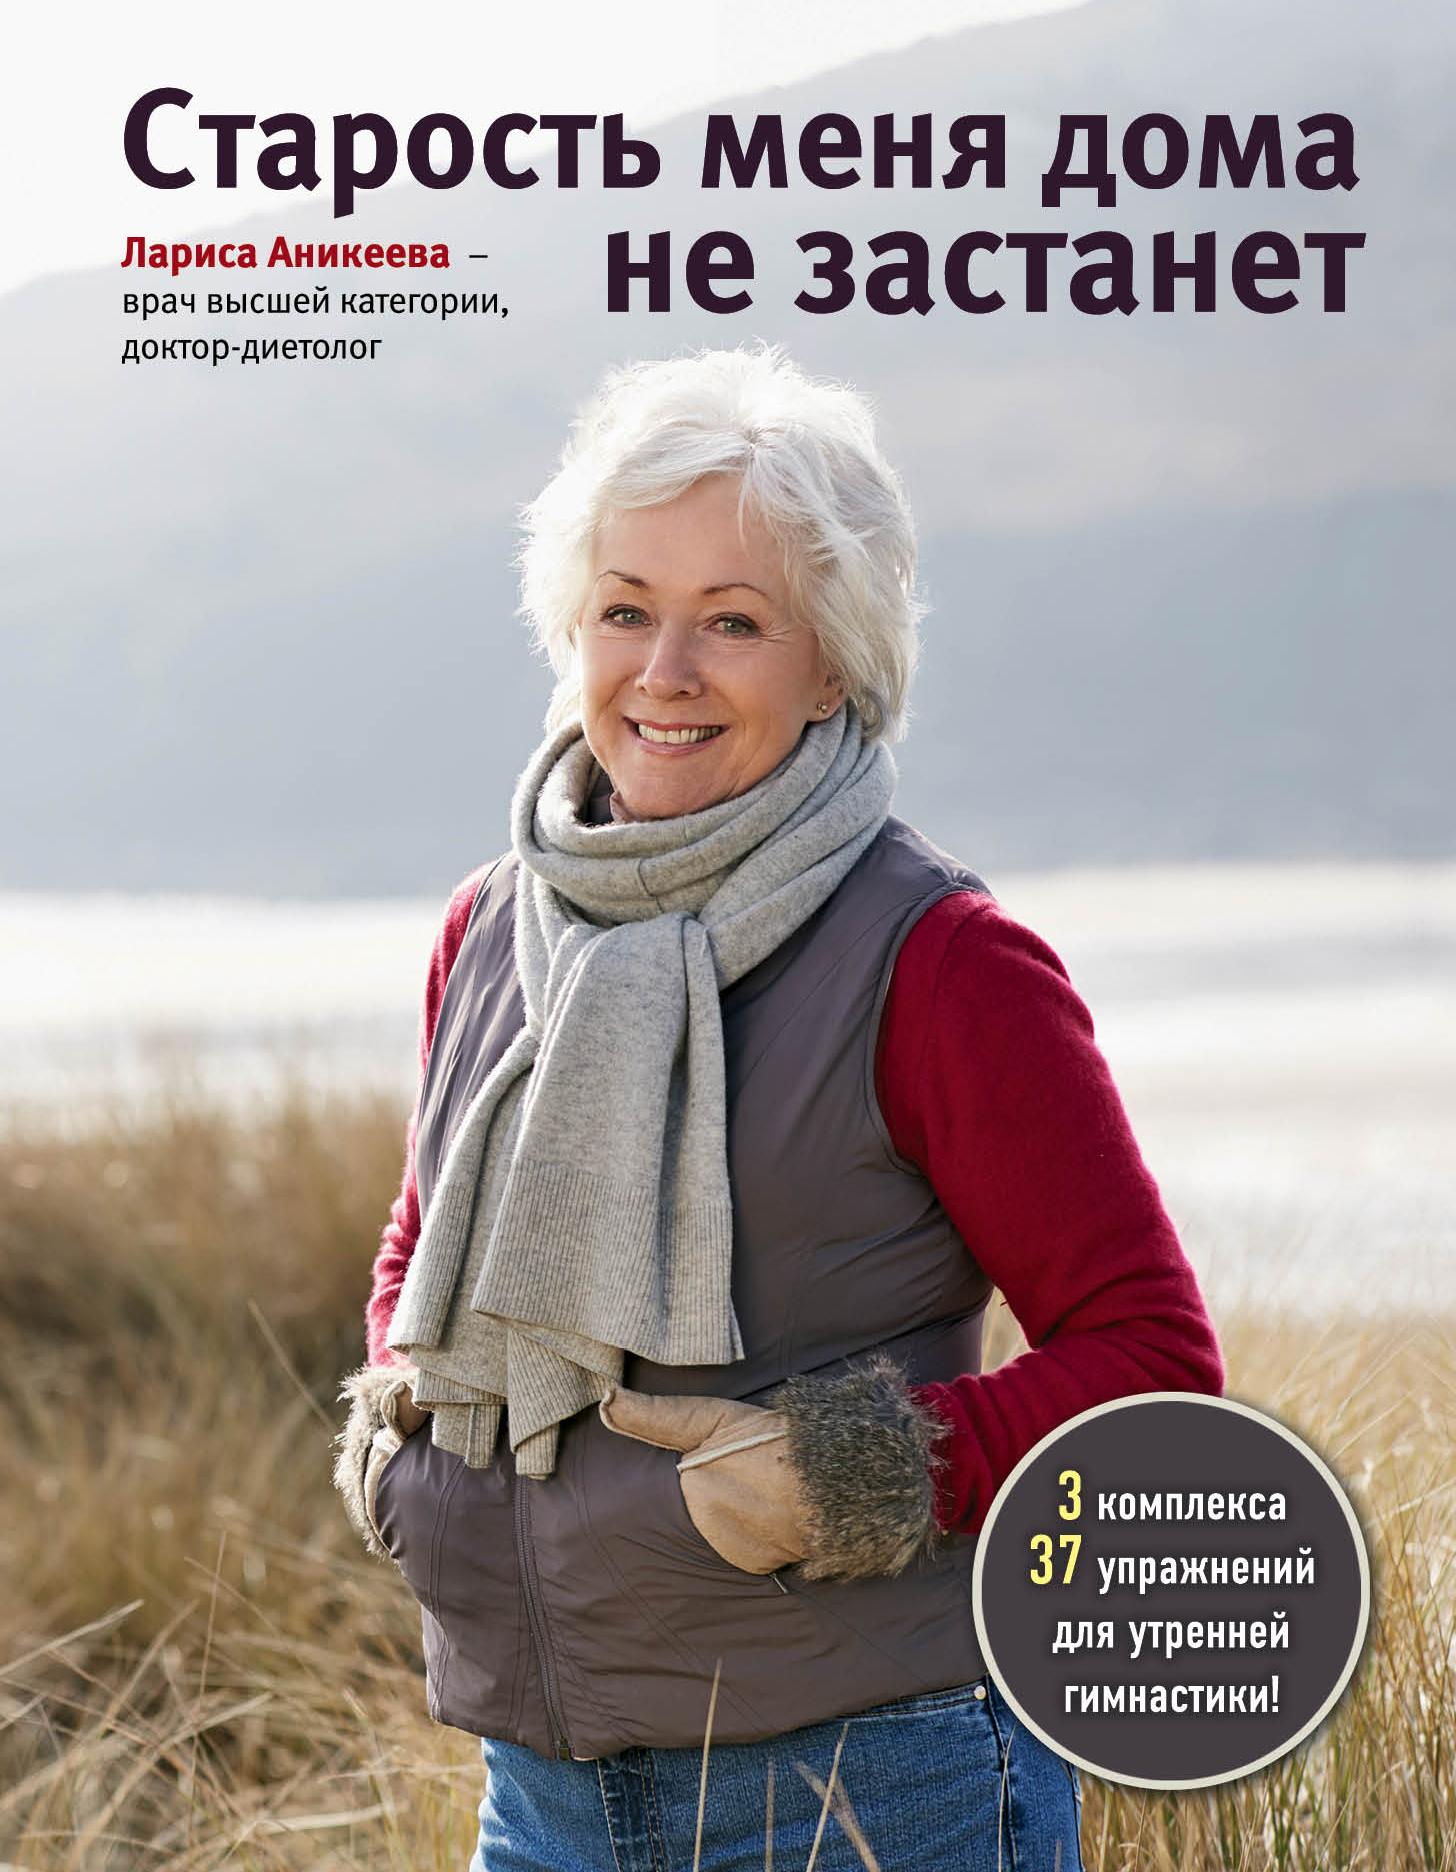 Аникеева Л.Ш. Старость меня дома не застанет